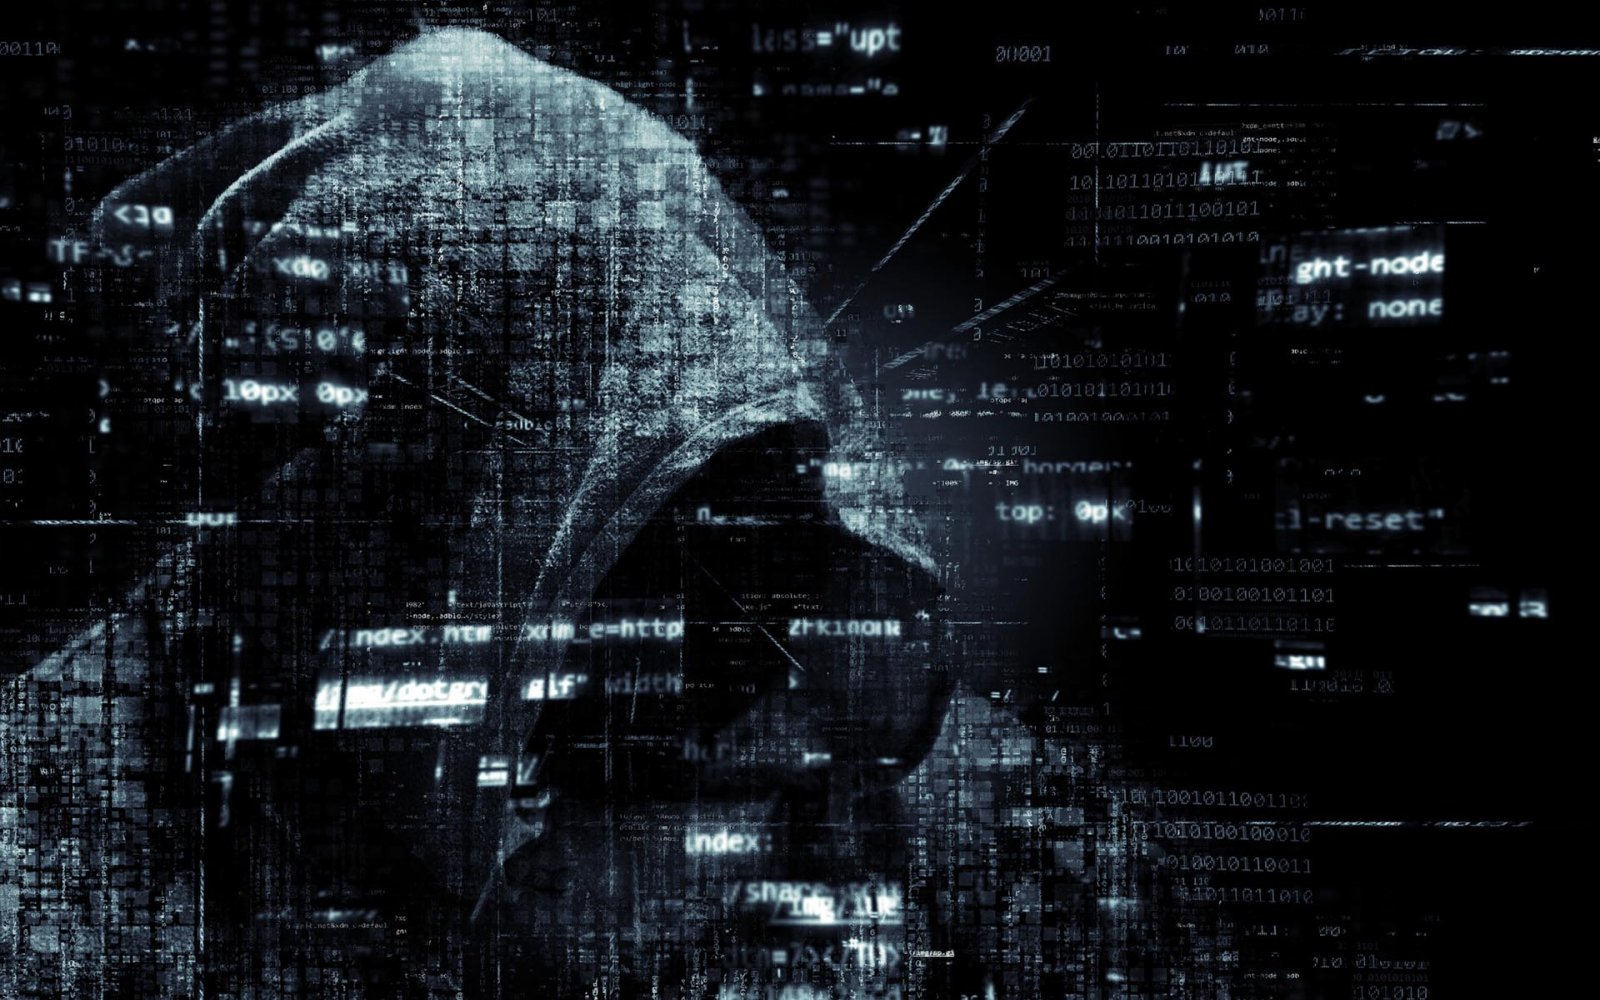 Come un hacker attacca un'azienda: le 5 fasi di un attacco informatico